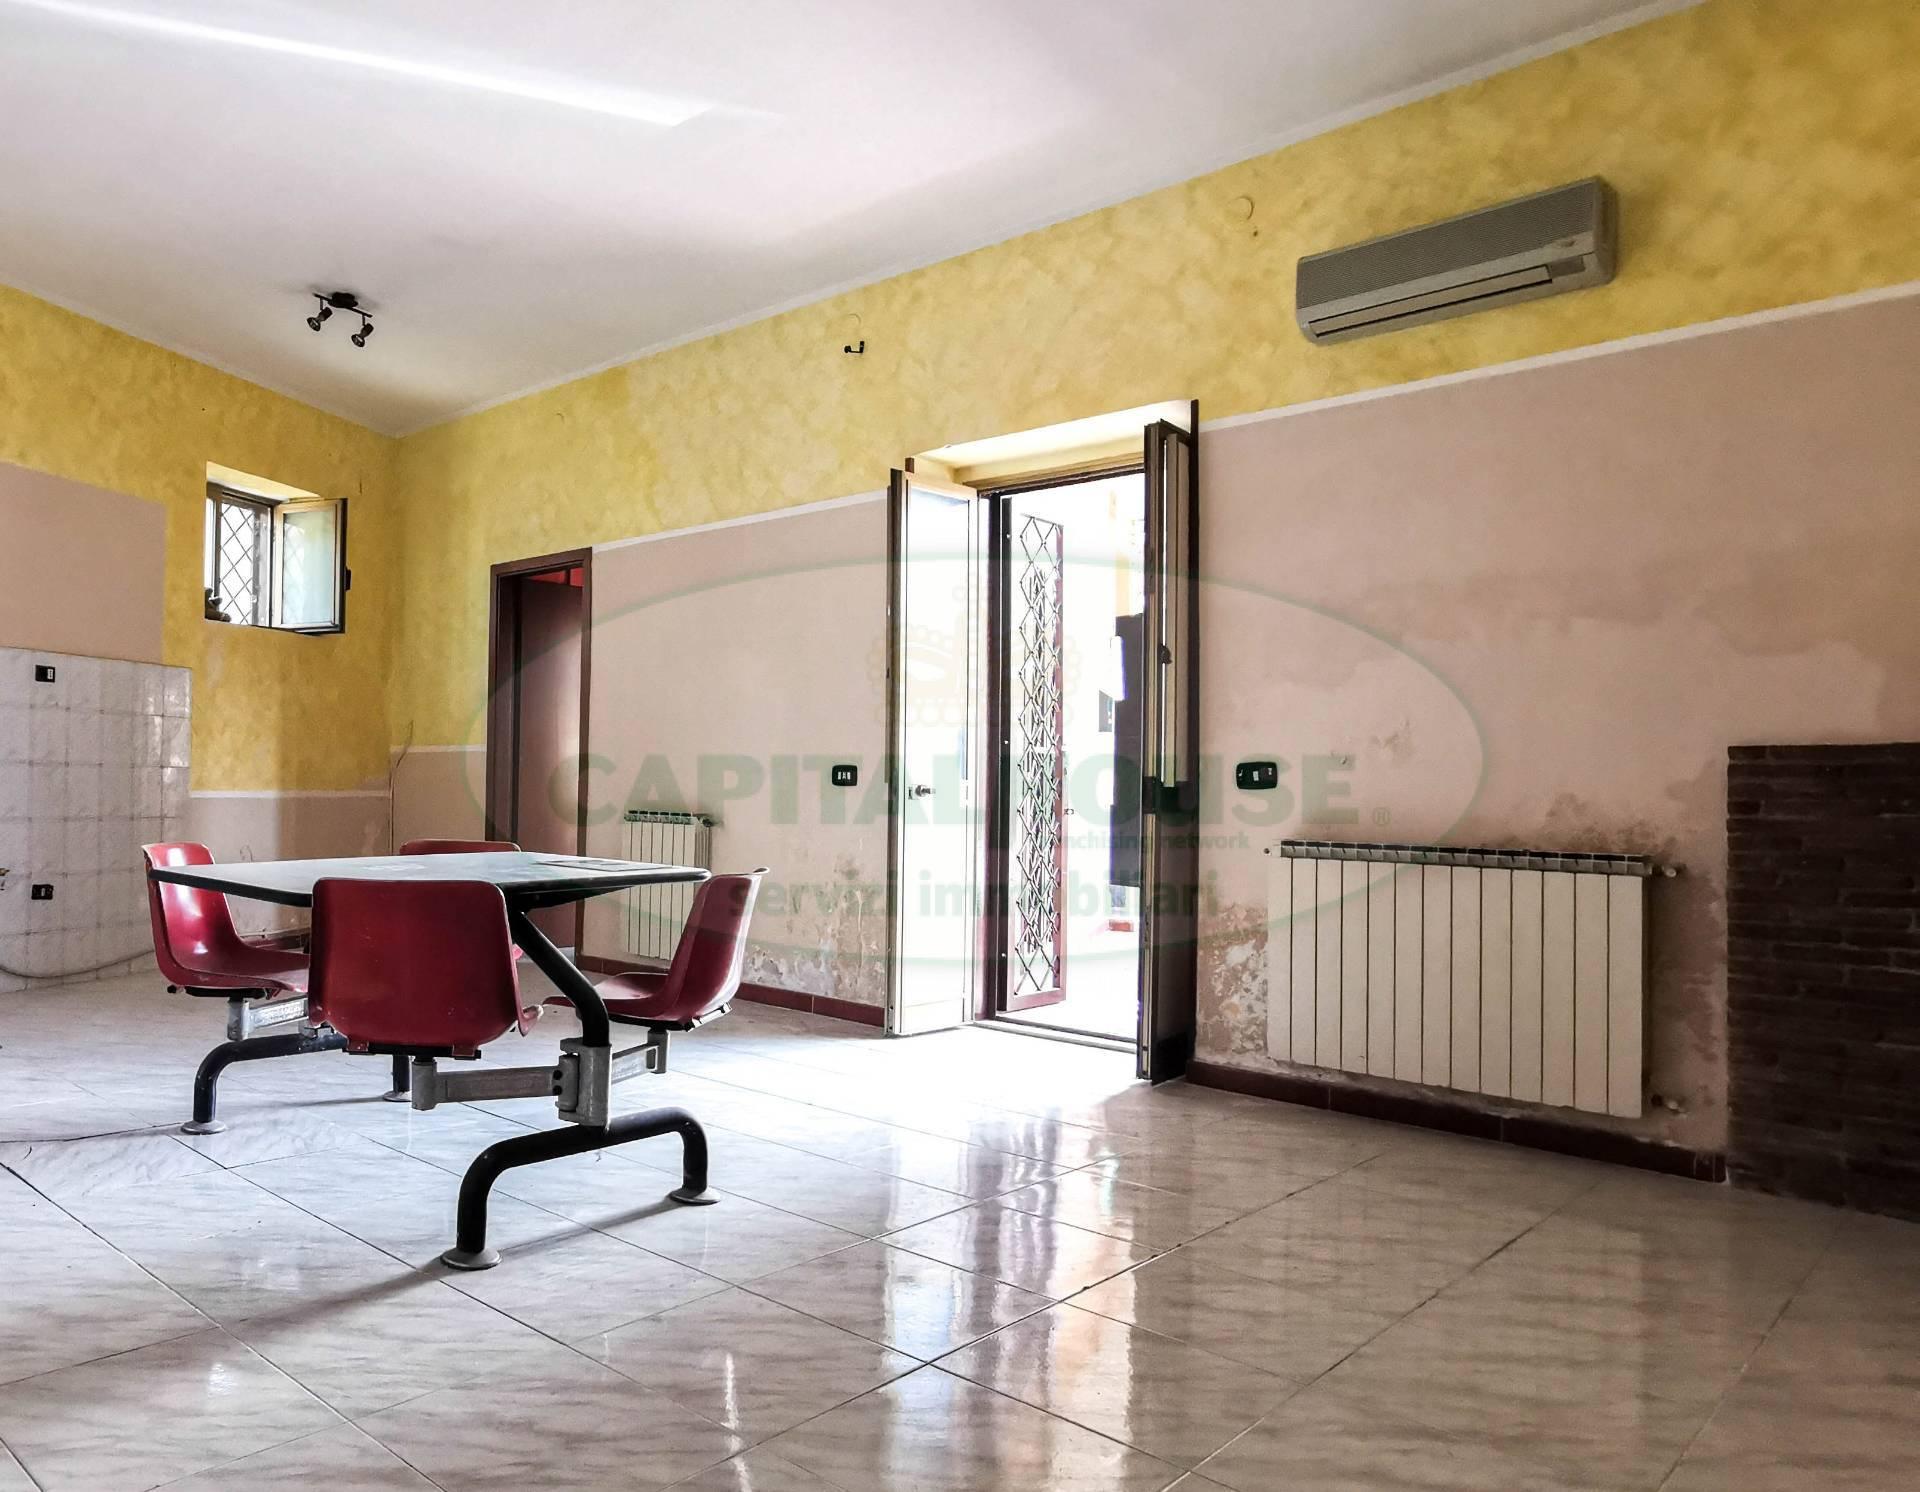 Appartamento in vendita a Capua, 3 locali, zona Località: S.AngeloinFormis, prezzo € 50.000 | CambioCasa.it